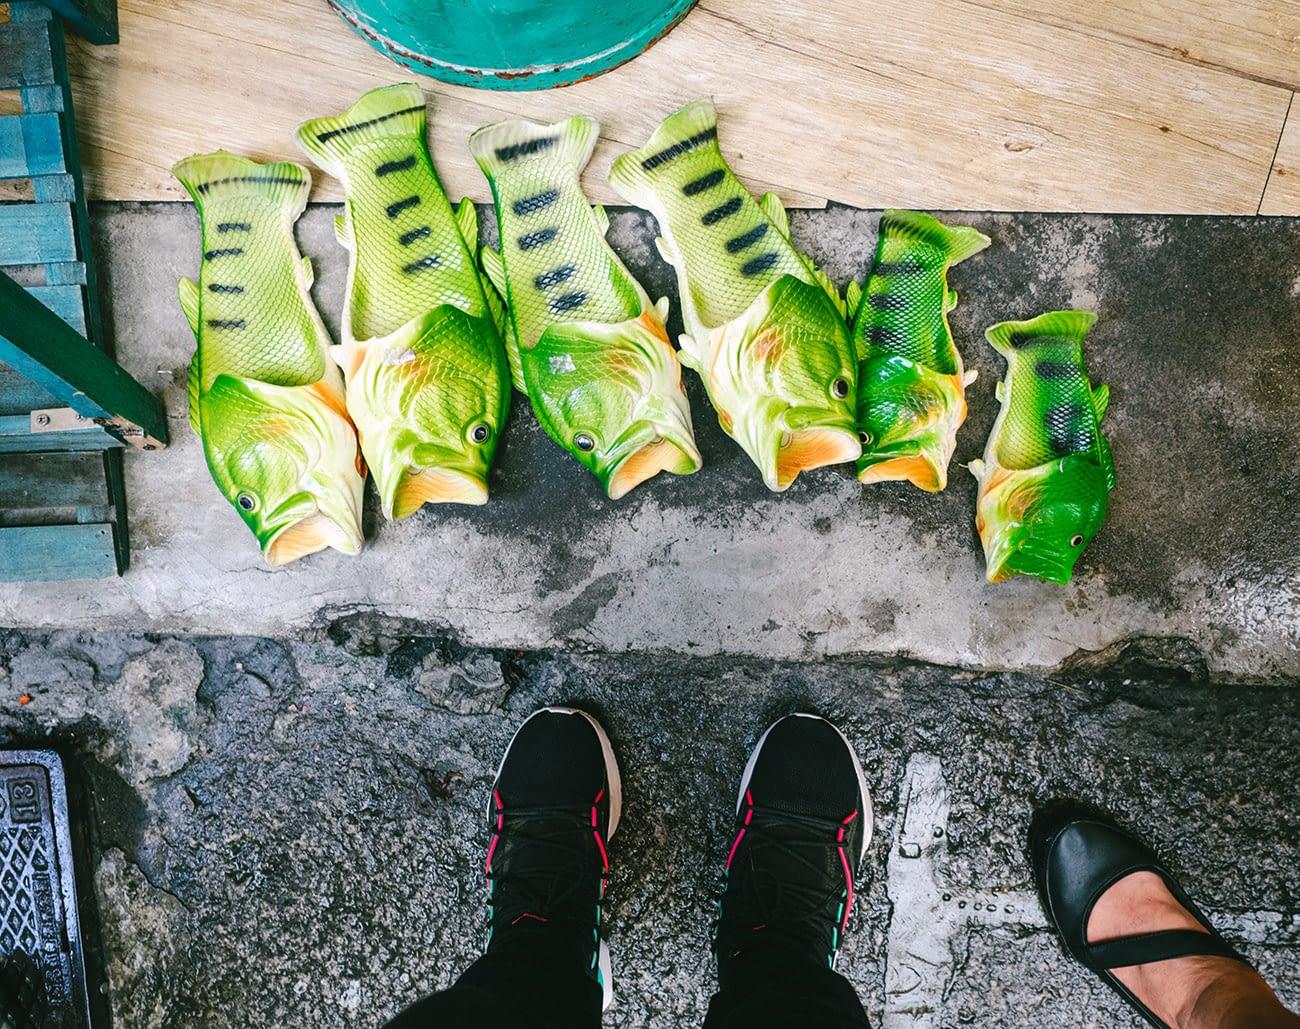 Taipei Jiufen - Fish slippers